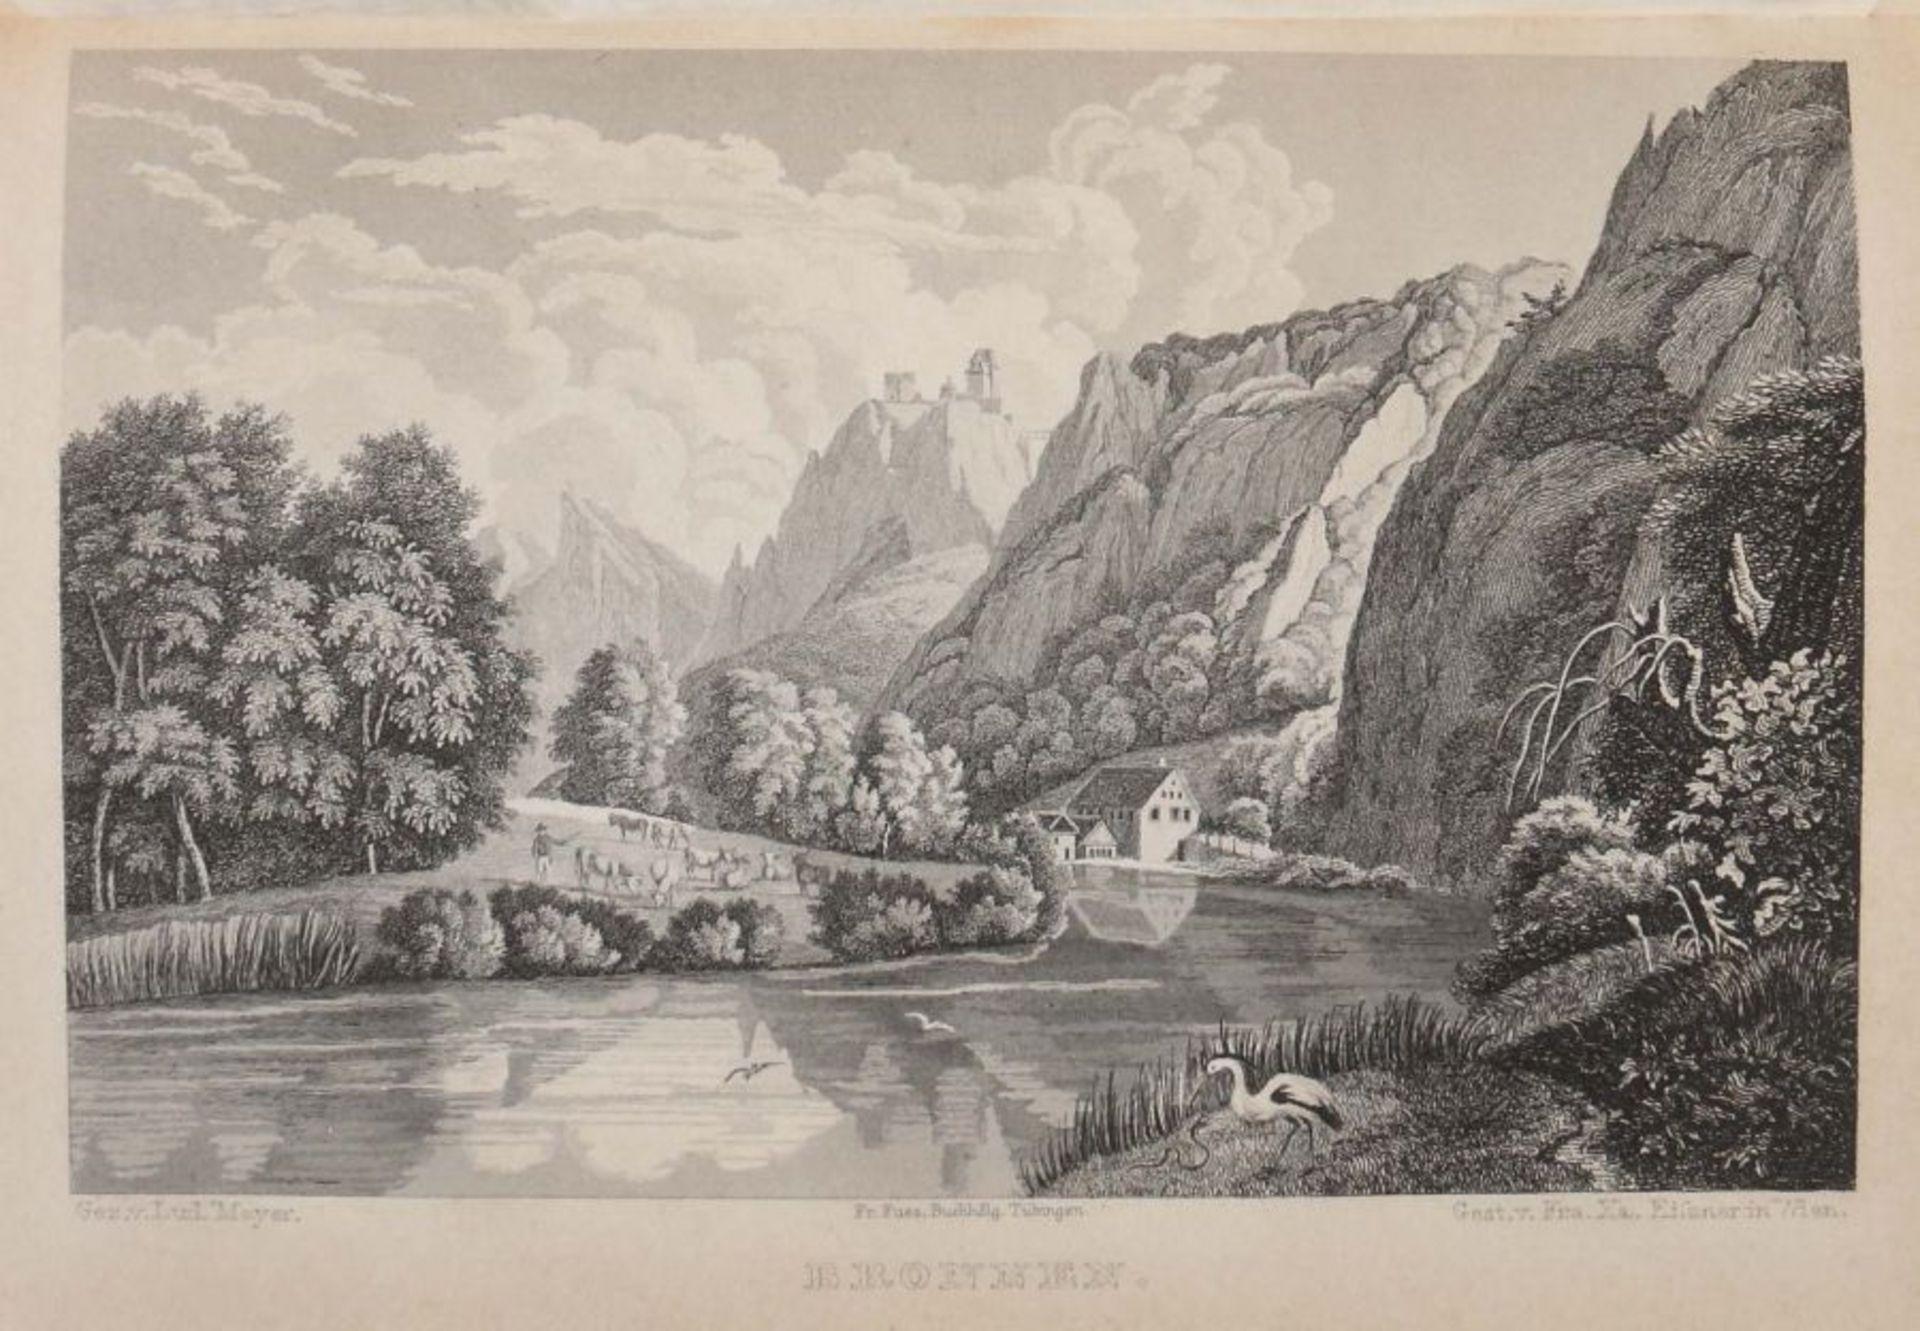 Schwab, Gustav Wanderungen durch Schwaben, vierte vollständig umgearbeitete Auflage von Dr. Karl - Bild 3 aus 4